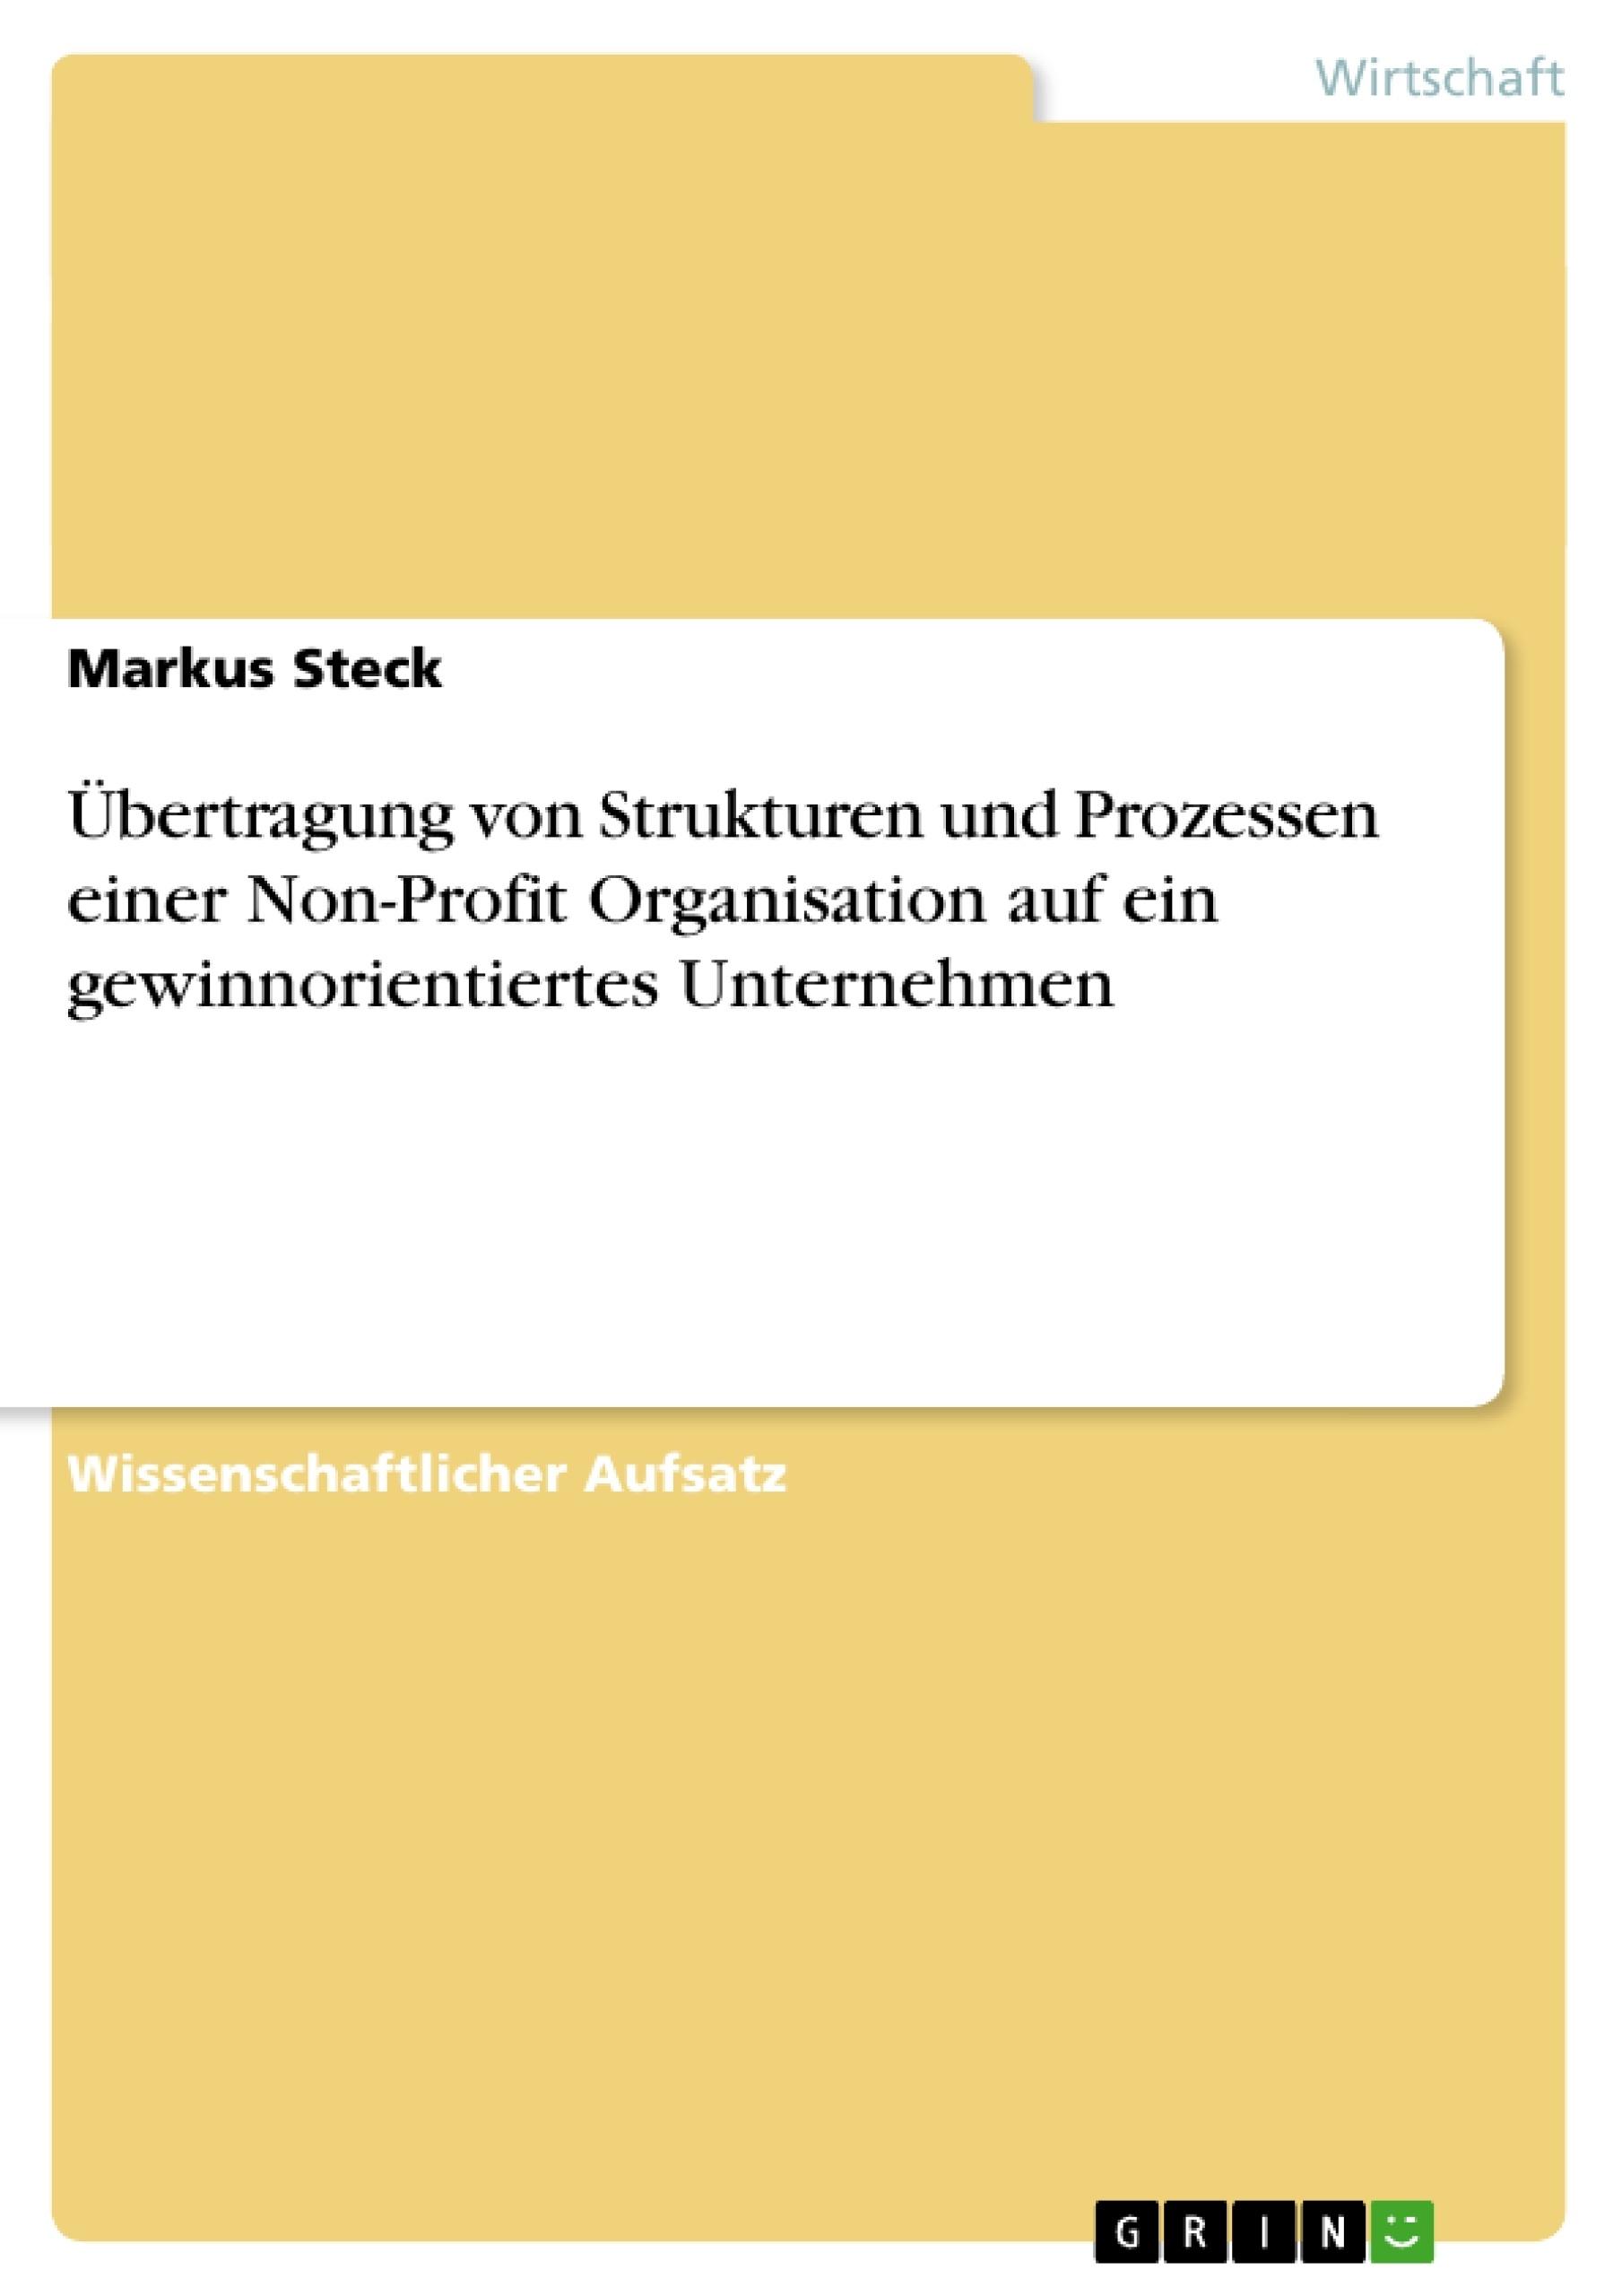 Titel: Übertragung von Strukturen und Prozessen einer Non-Profit Organisation auf ein gewinnorientiertes Unternehmen